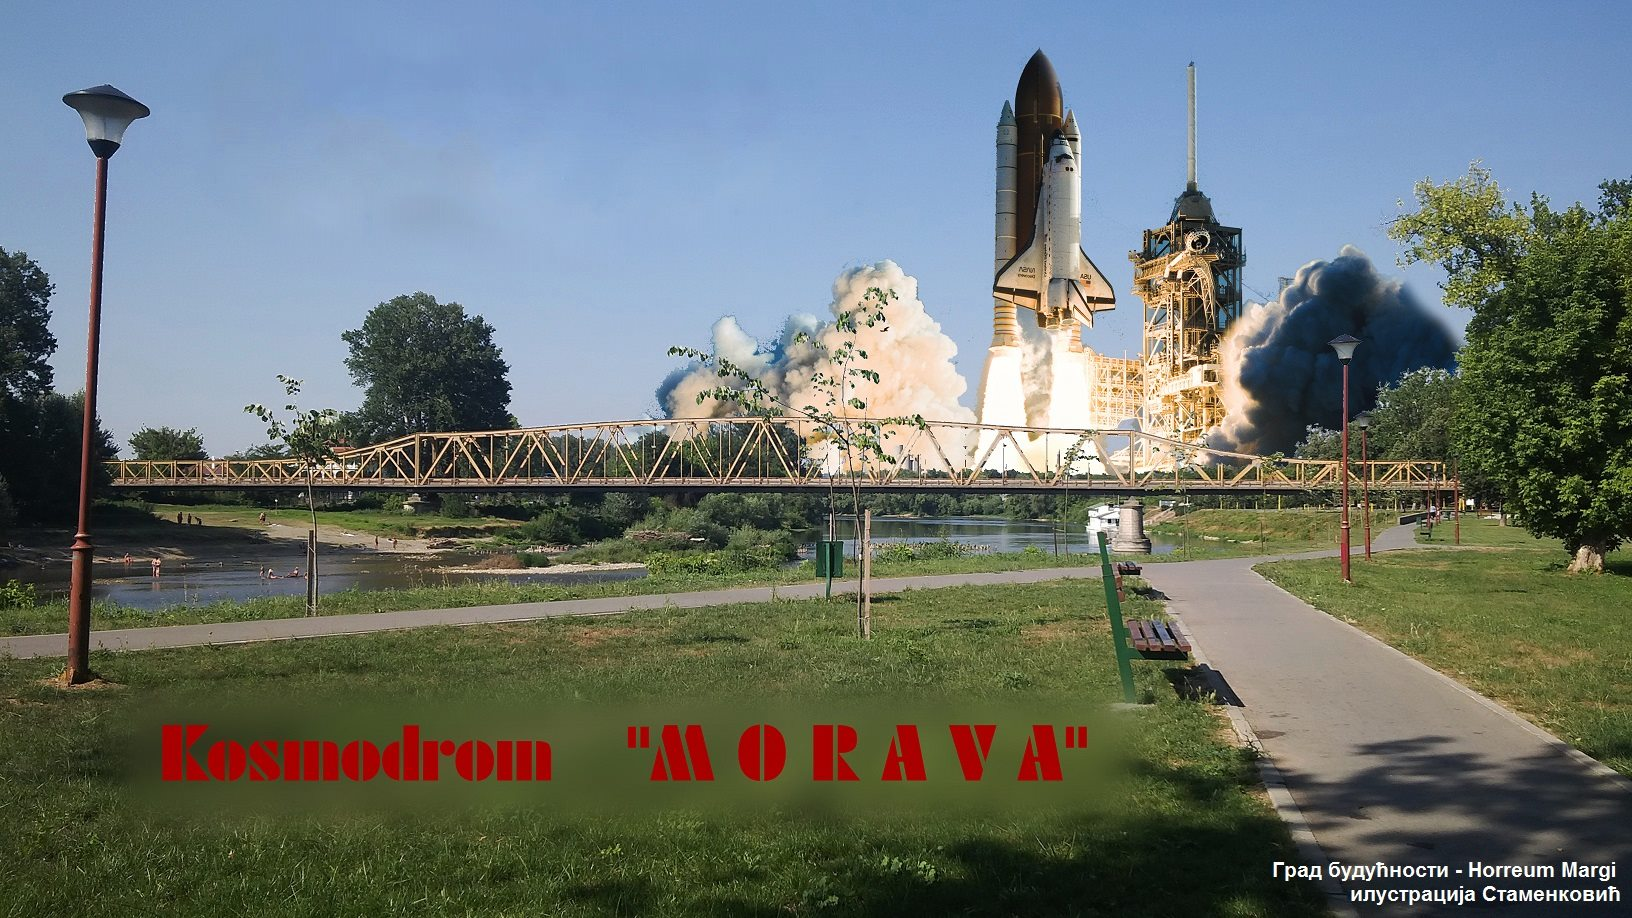 kosmodrom